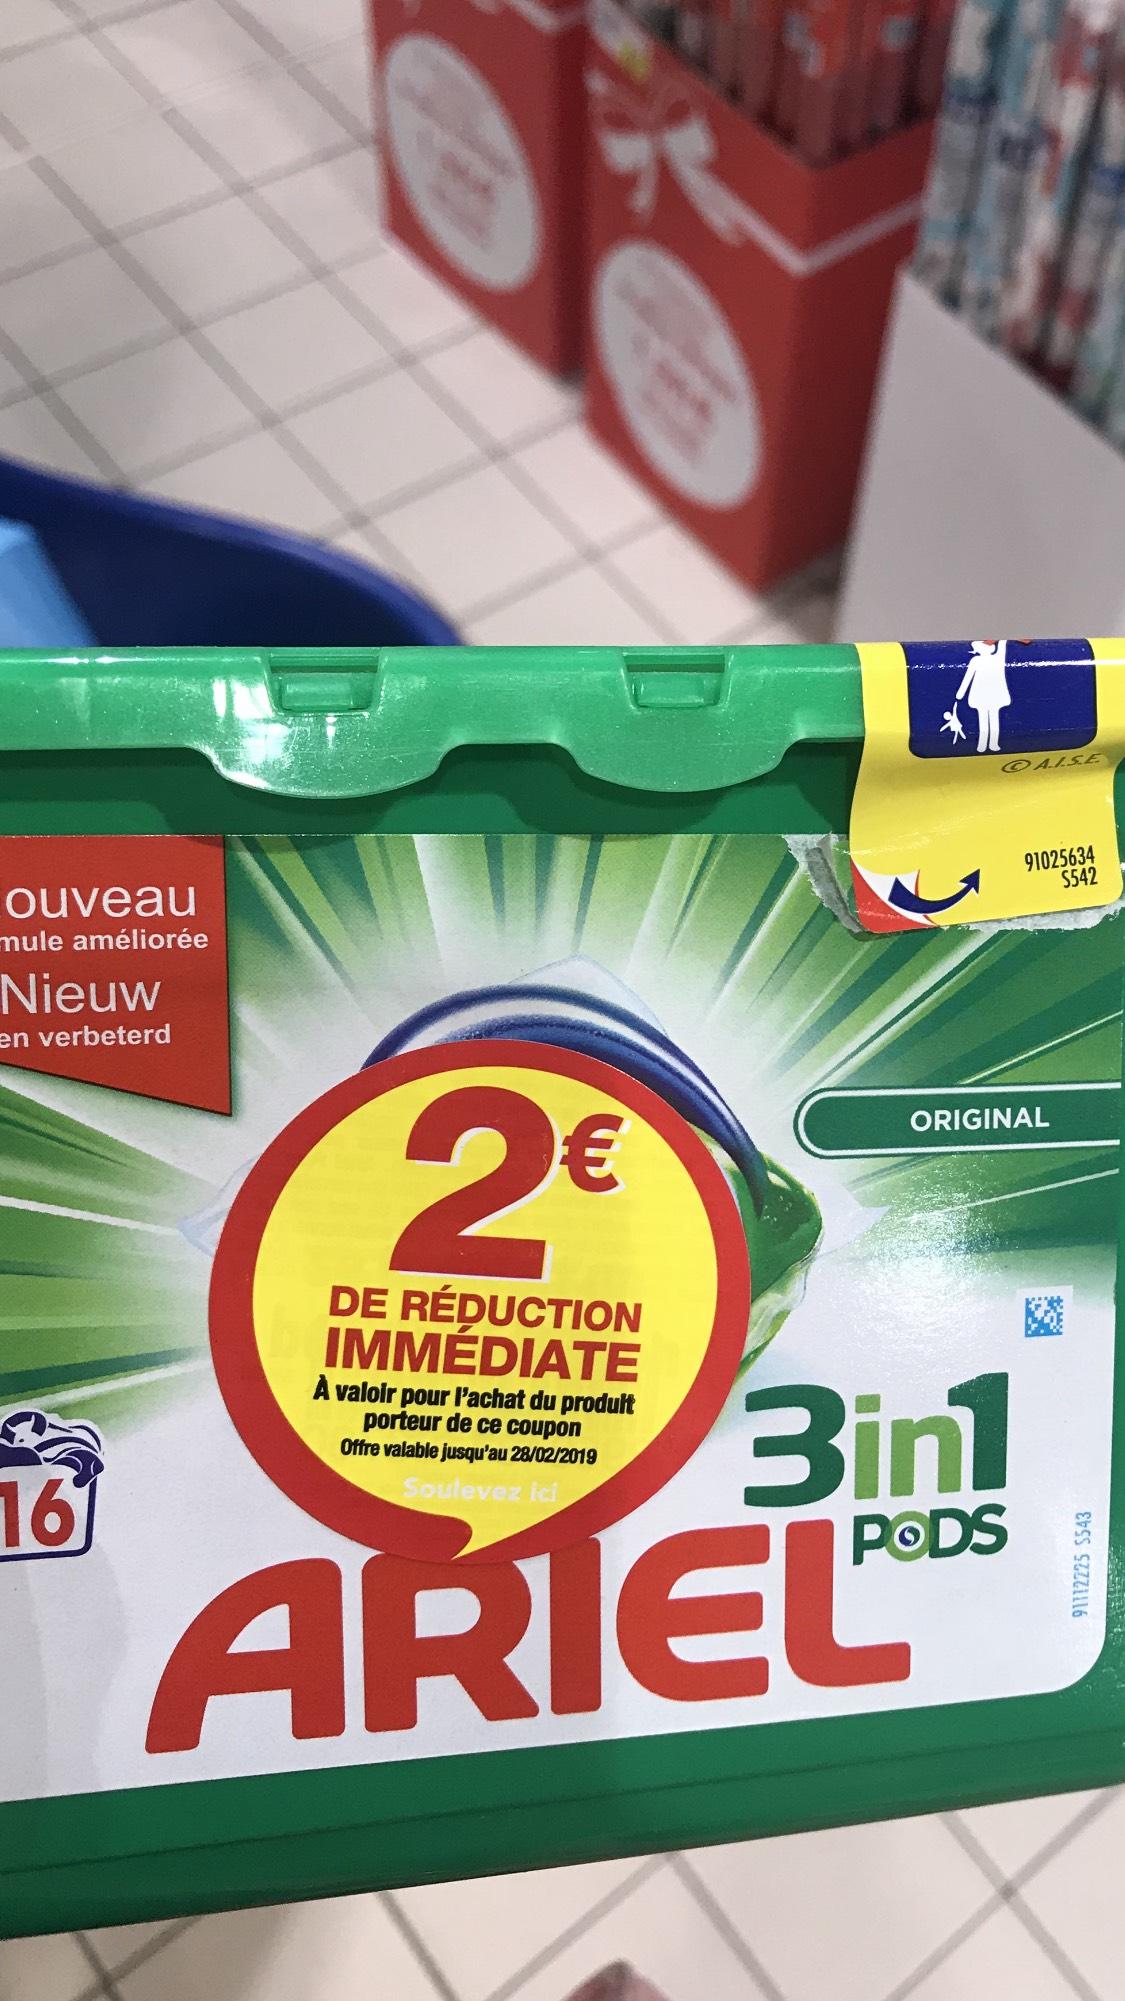 Lessive Ariel pods 3 en 1 (16 Pods) - via remboursement Quoty (2,50€) et Network (4,50€)